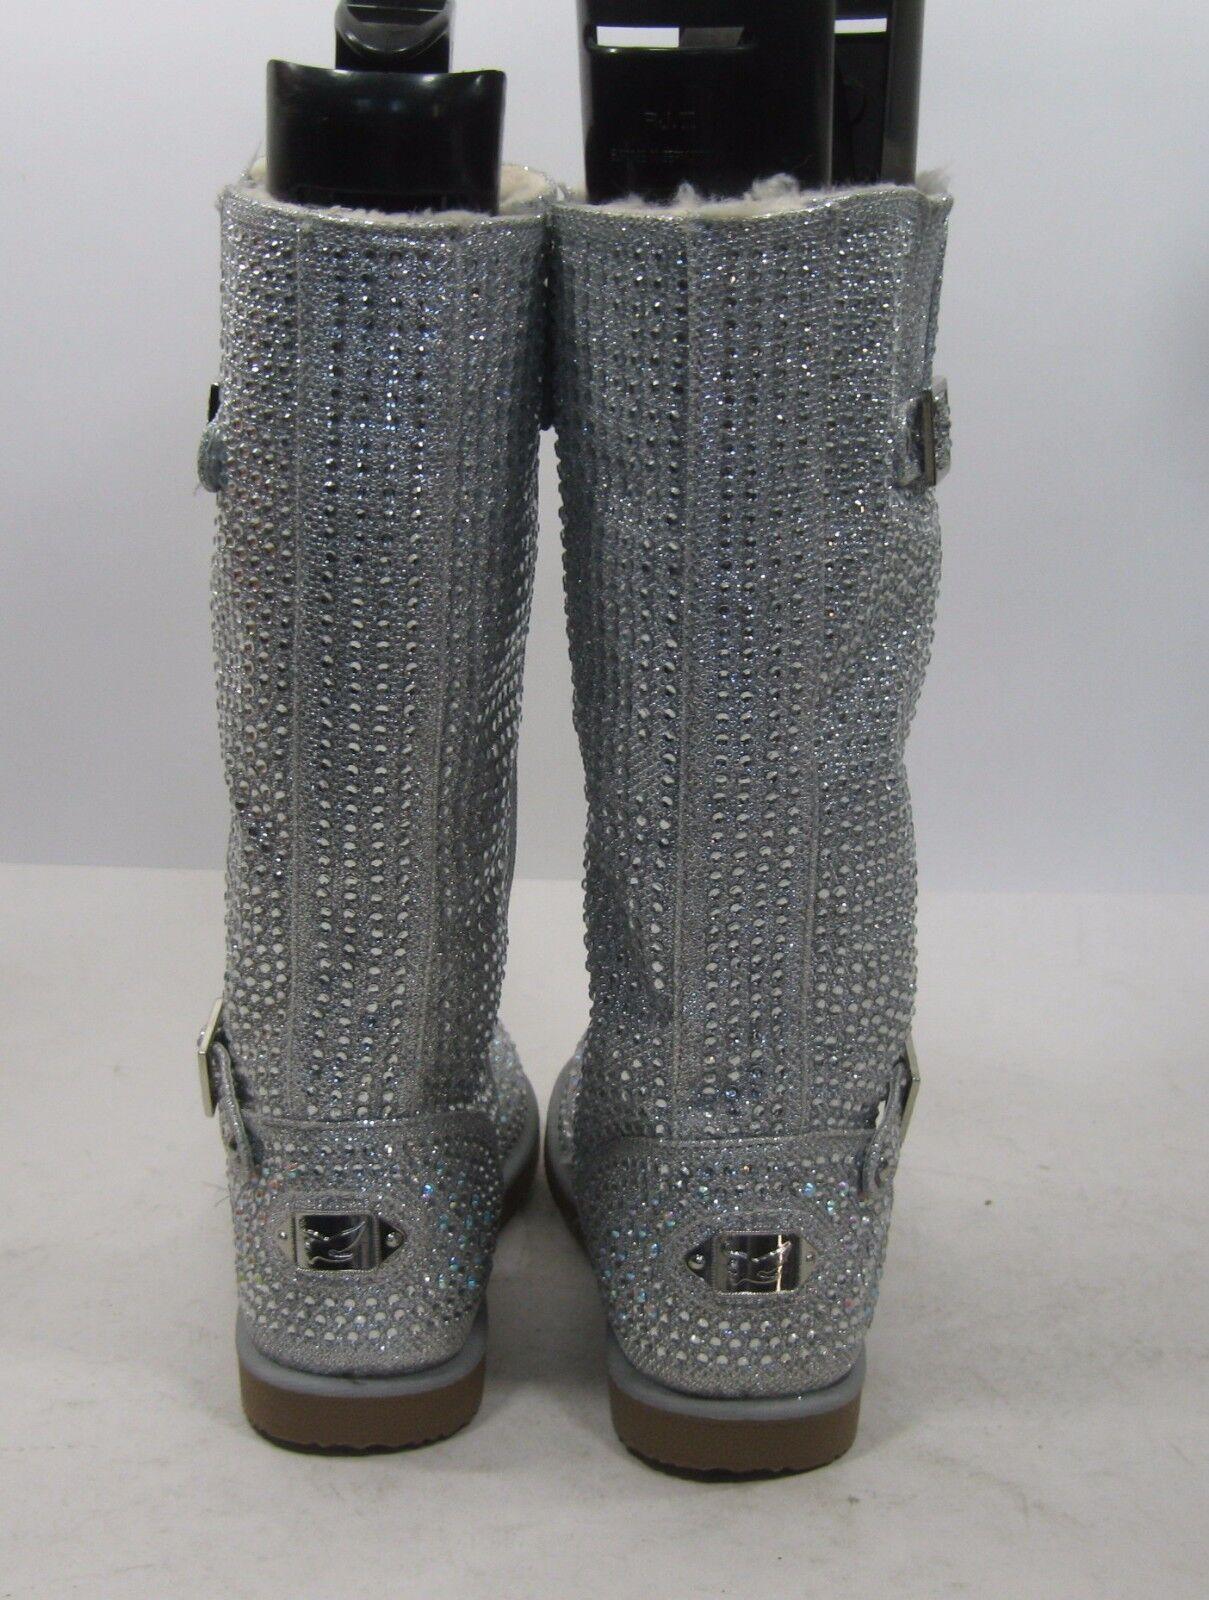 Silber Innen Strass Winter Wadenhoch Stiefel Furon Innen Silber Seitlicher Knopf Größe 8 0509e7